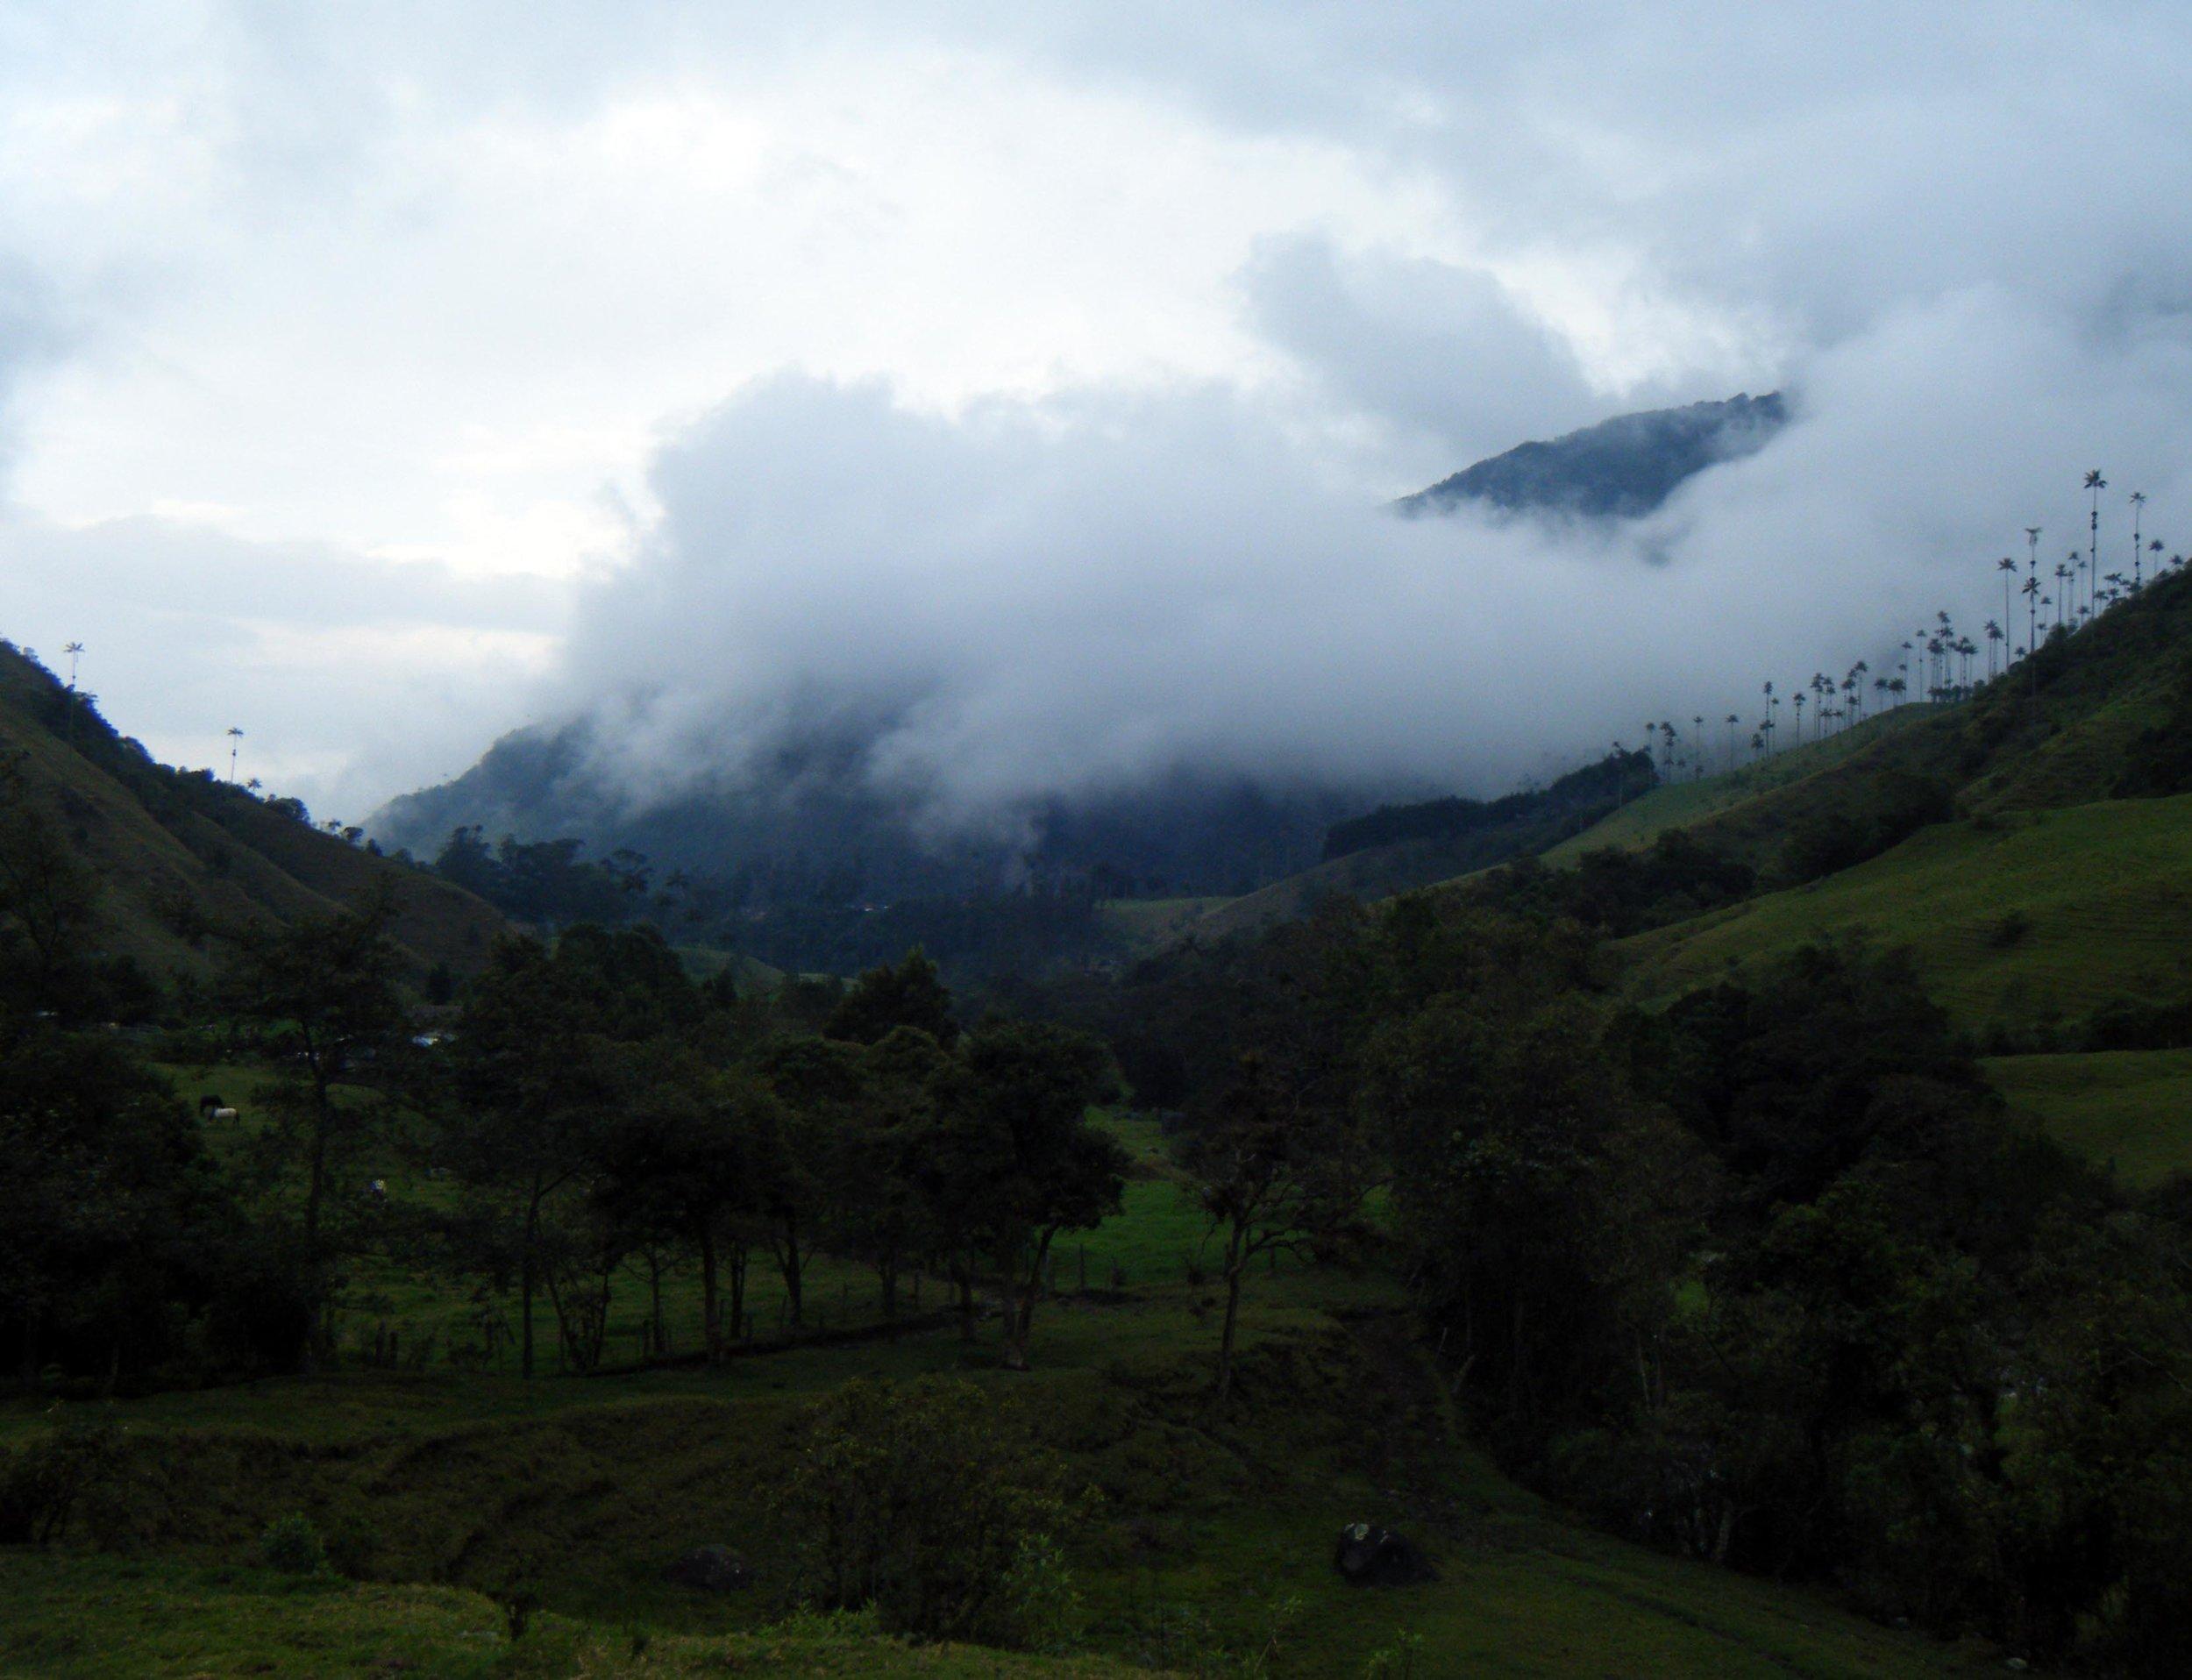 Valle de Cocura 10-23-12.jpg